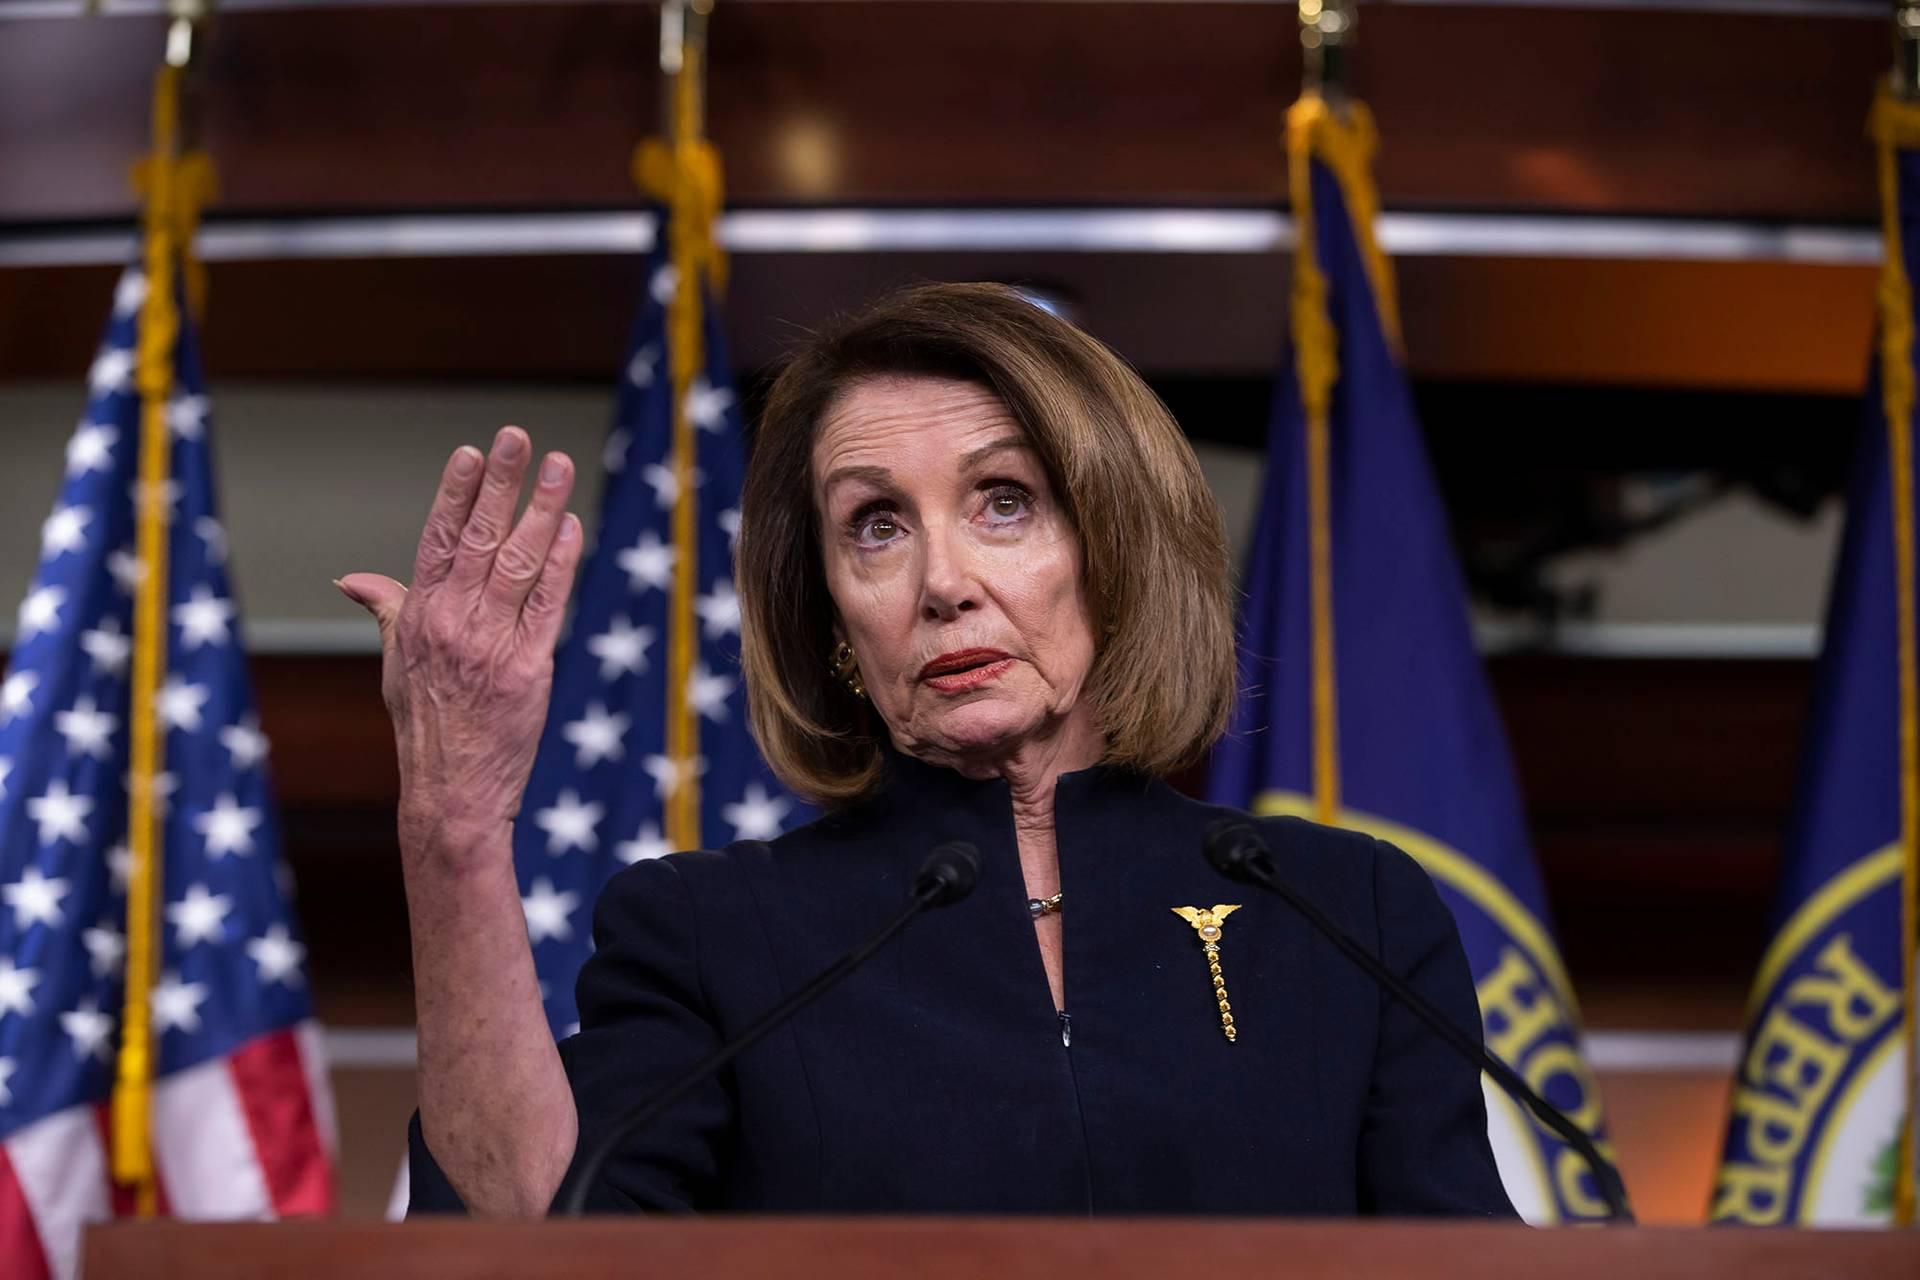 Спікерка Палати представників Ненсі Пелосі пригрозила оскаржити введення надзвичайного стану у суді, Вашингтон, США, 14 лютого 2018 року